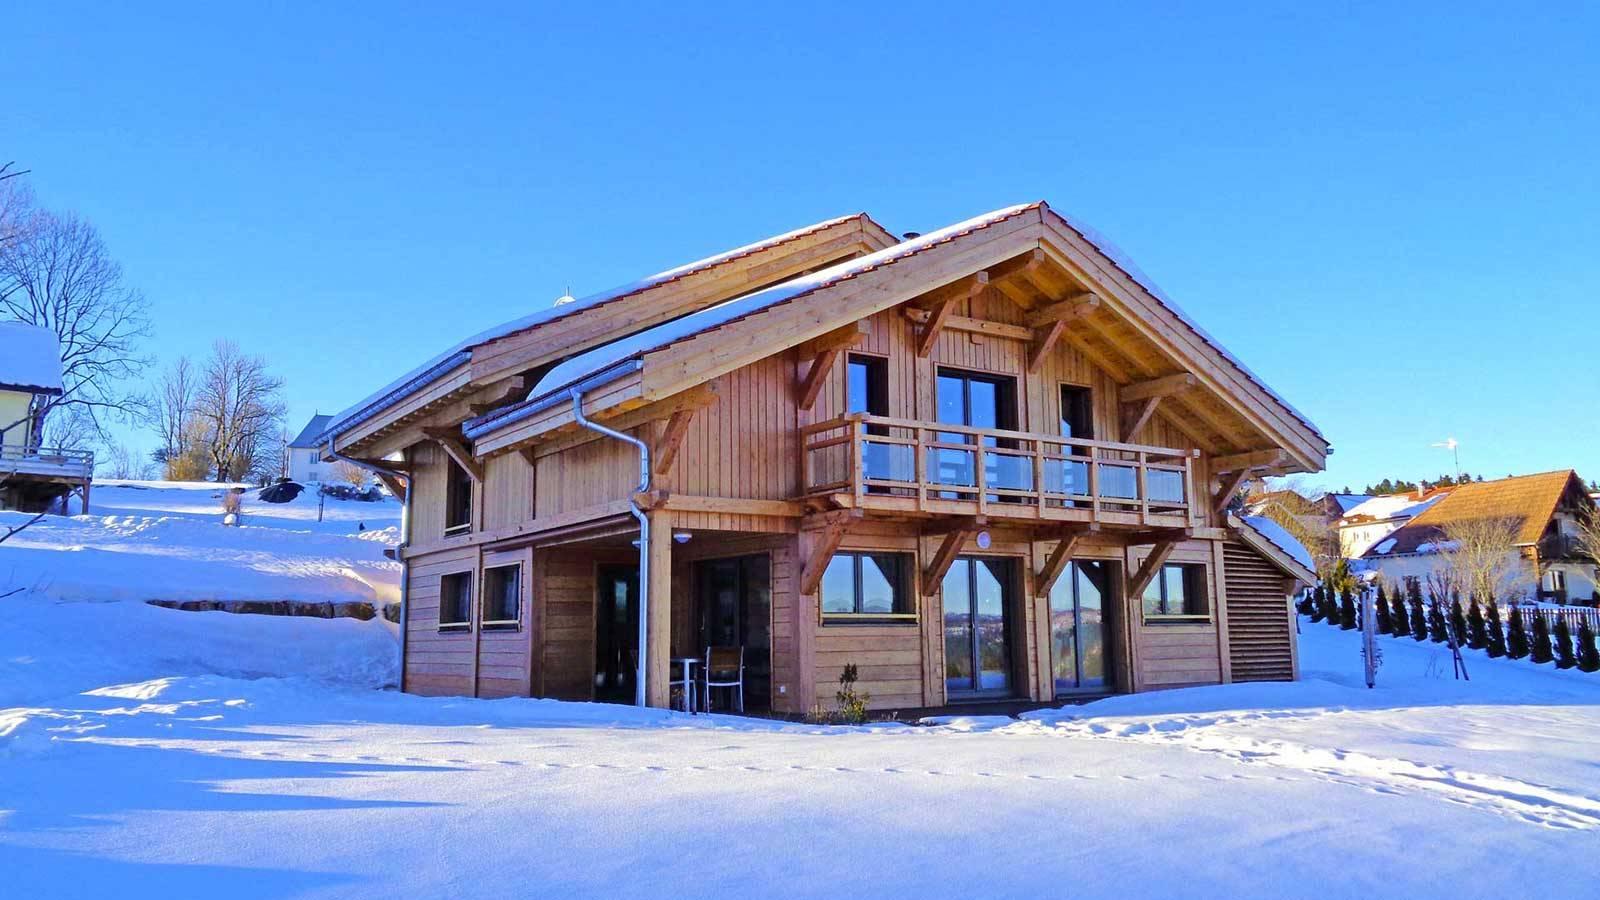 Garnache, chalet tradition et maison contemporaine bois